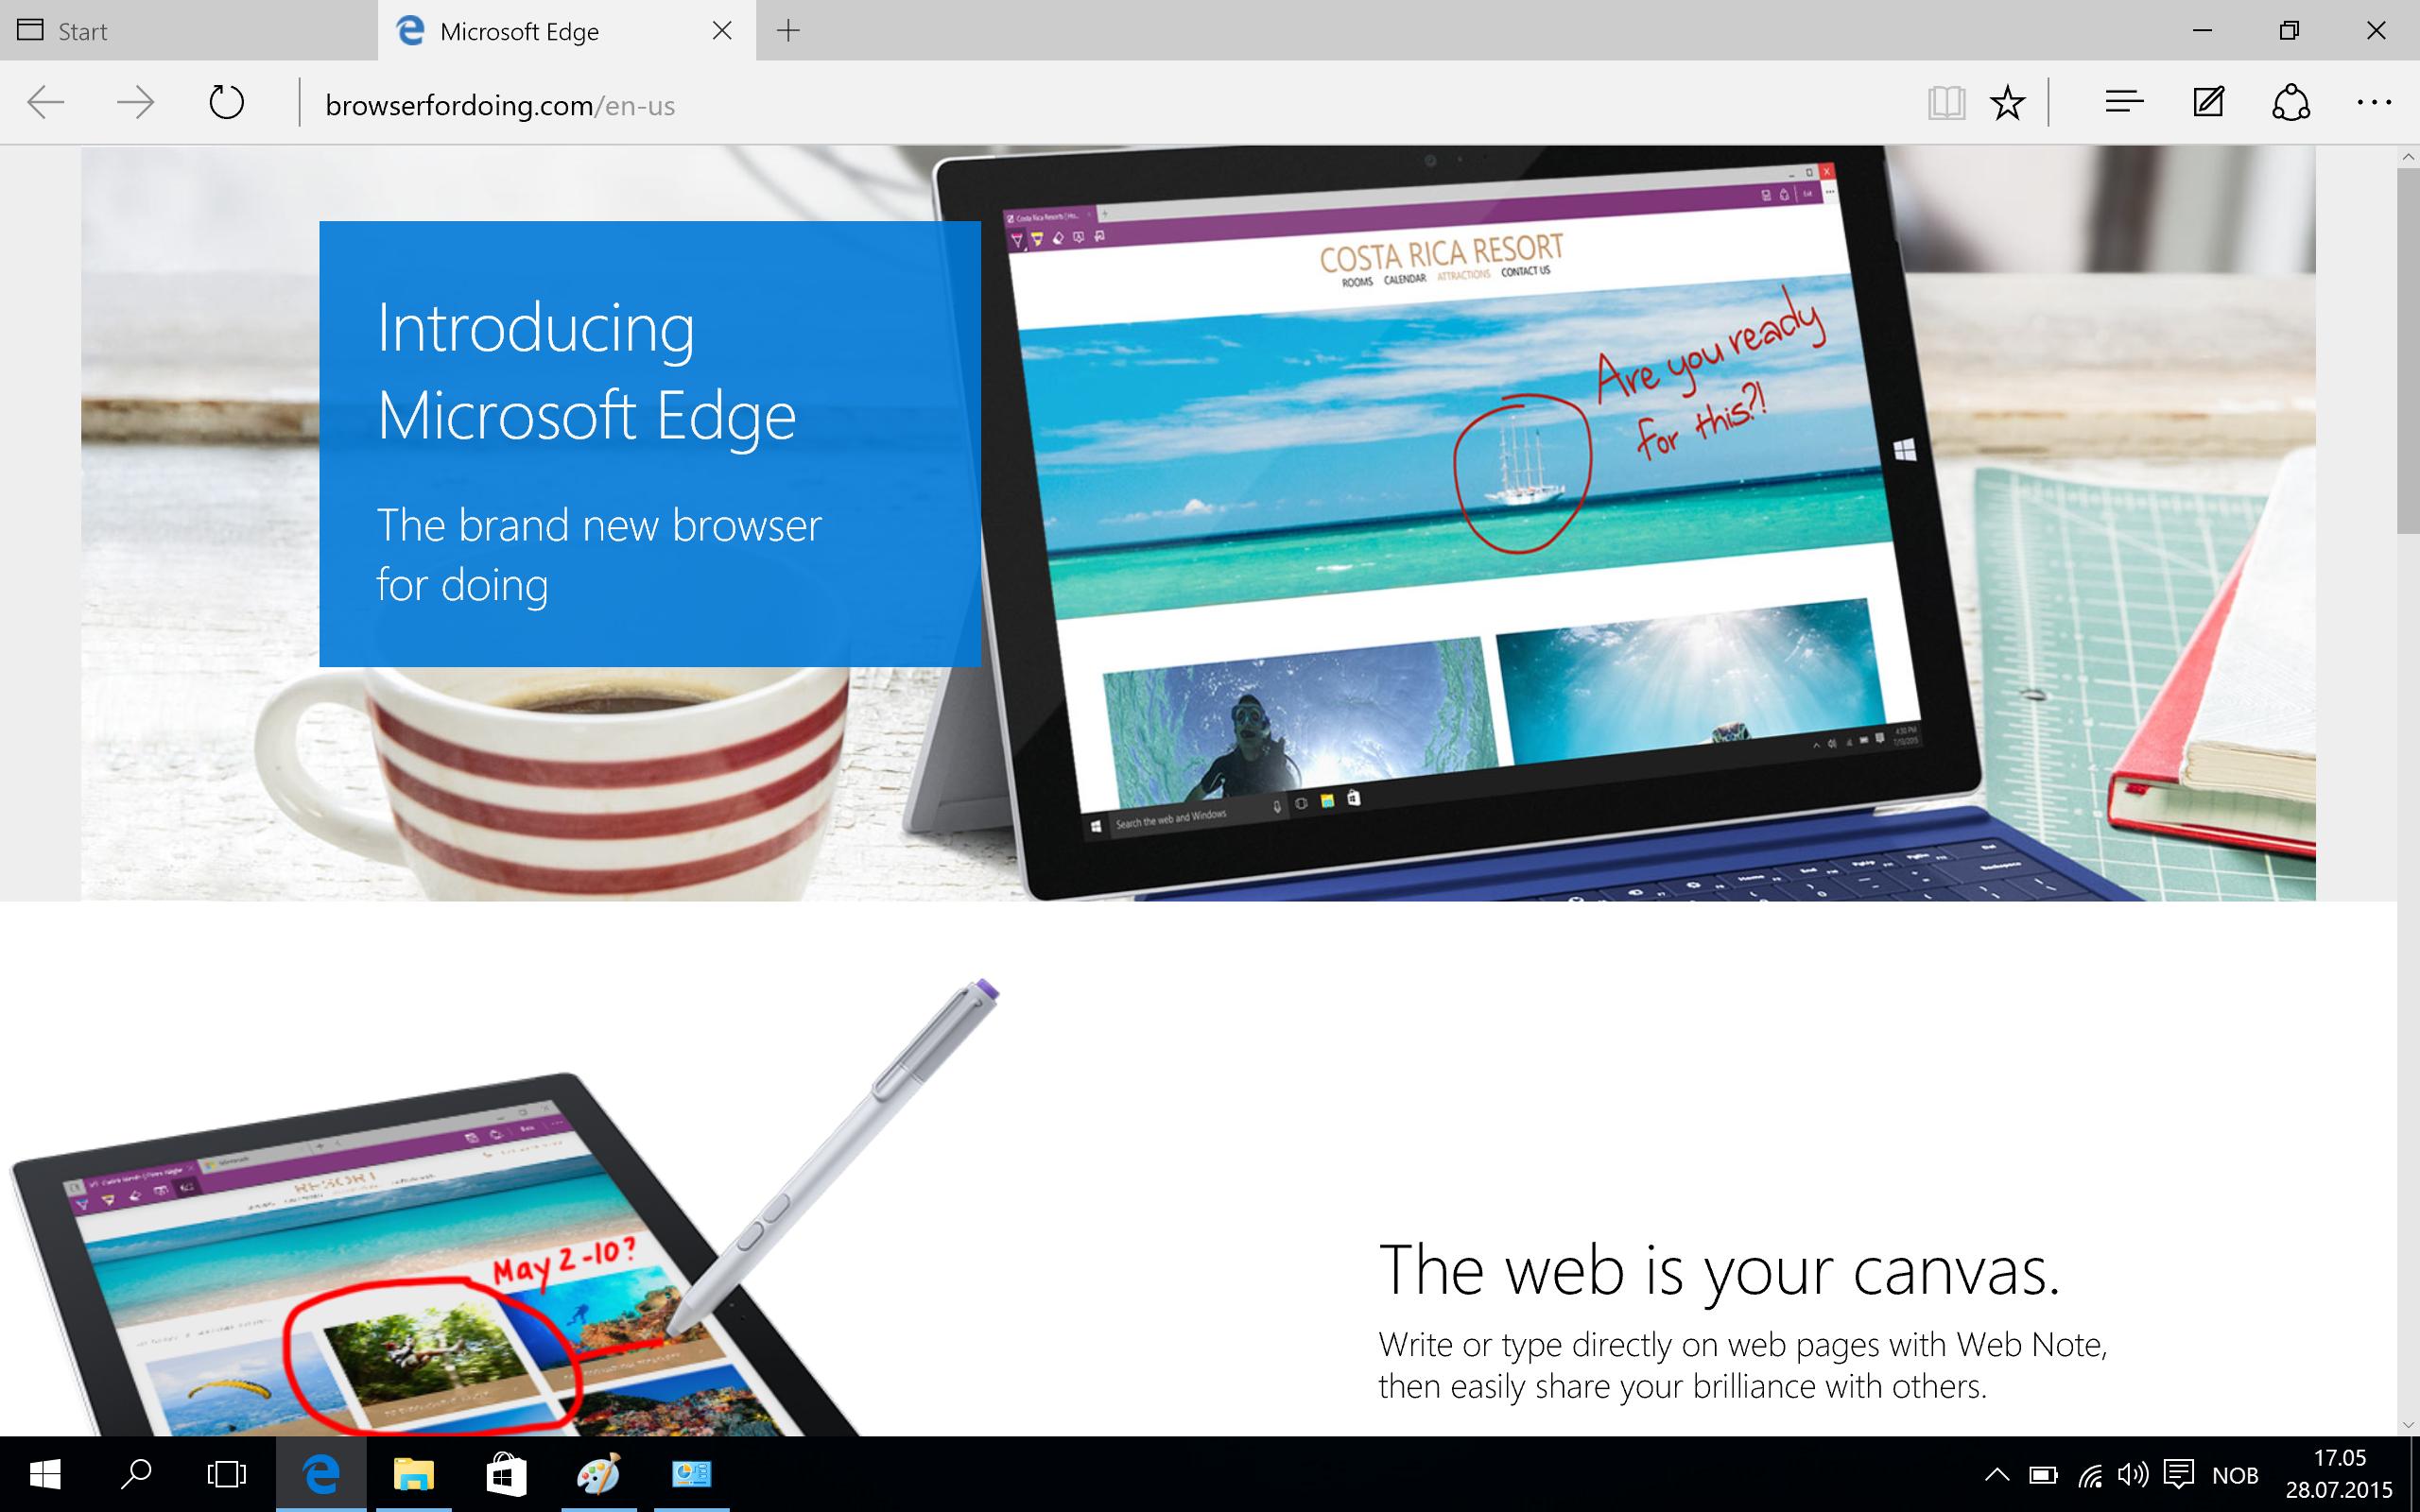 Den nye nettleseren, Edge, er rask og fungerer stort sett bra. Internet Explorer lurer imidlertid fortsatt i kulissene. Foto: Finn Jarle Kvalheim, Tek.no